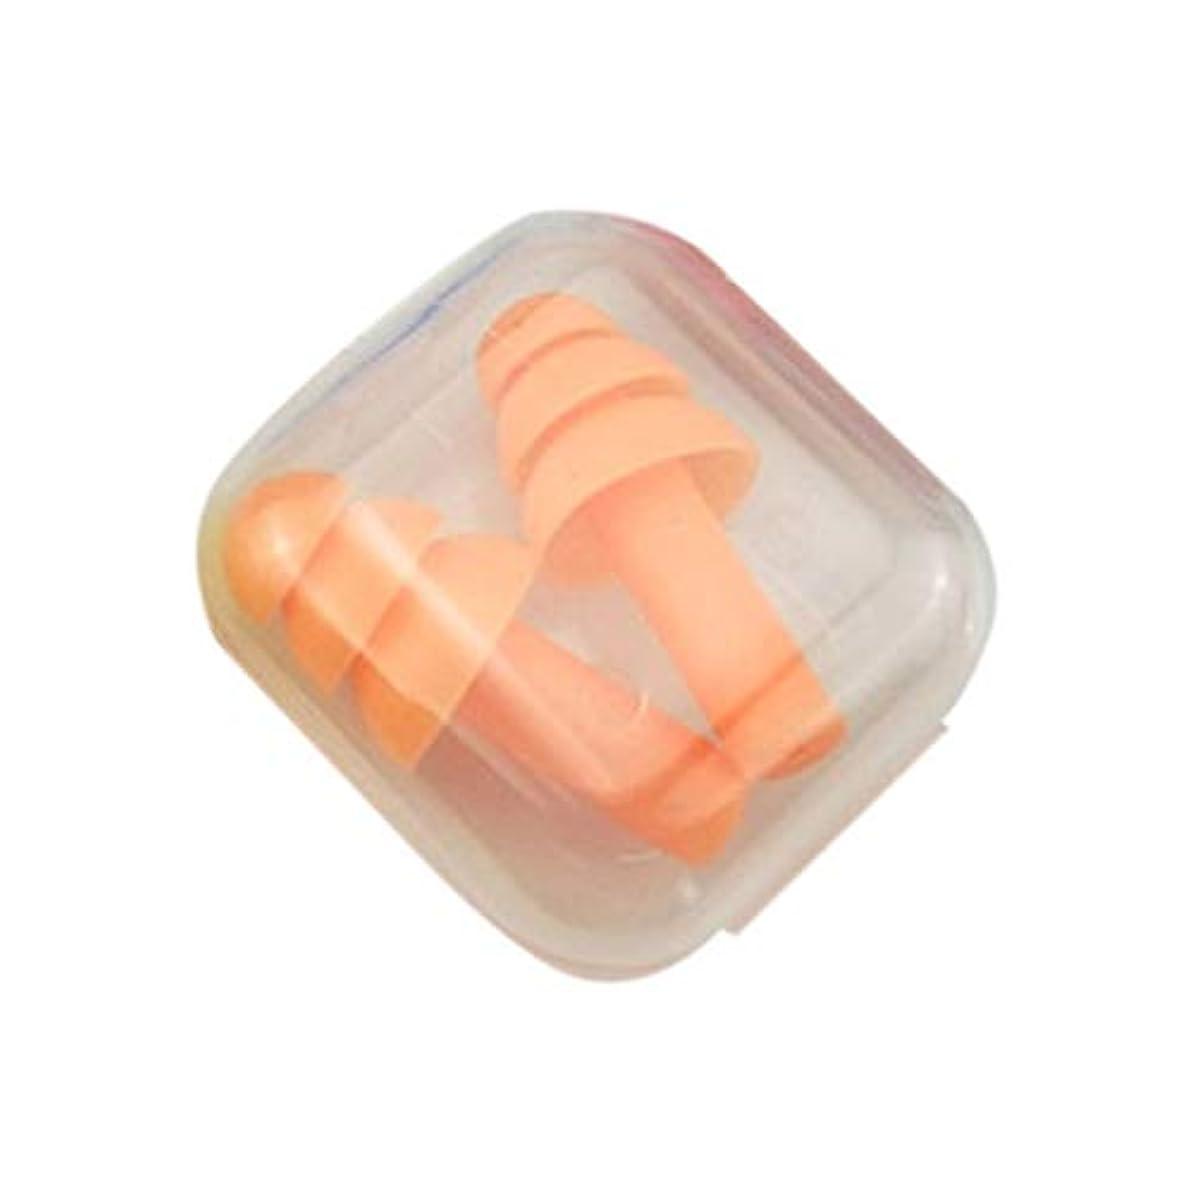 チェスをする嵐の欲求不満柔らかいシリコーンの耳栓遮音用耳の保護用の耳栓防音睡眠ボックス付き収納ボックス - オレンジ